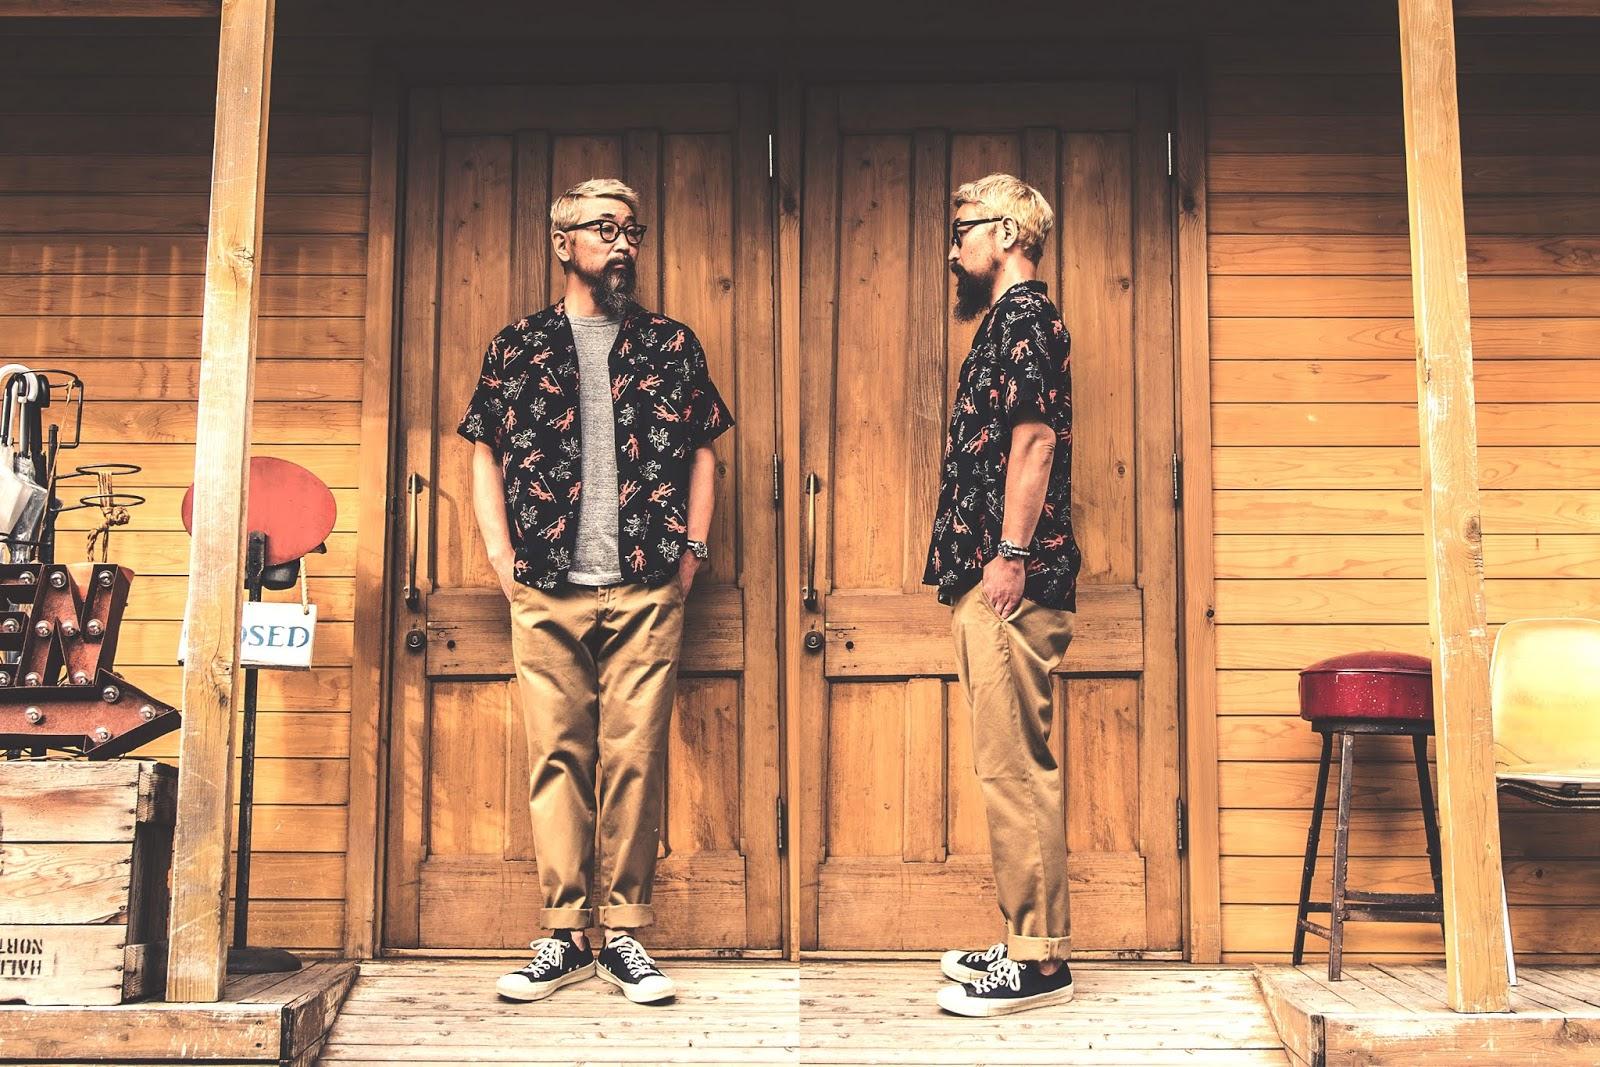 スターオブハリウッド ボーリングシャツ アロハシャツ オープンカラーシャツ スター オブ ハリウッド フィフティーズ シャツ